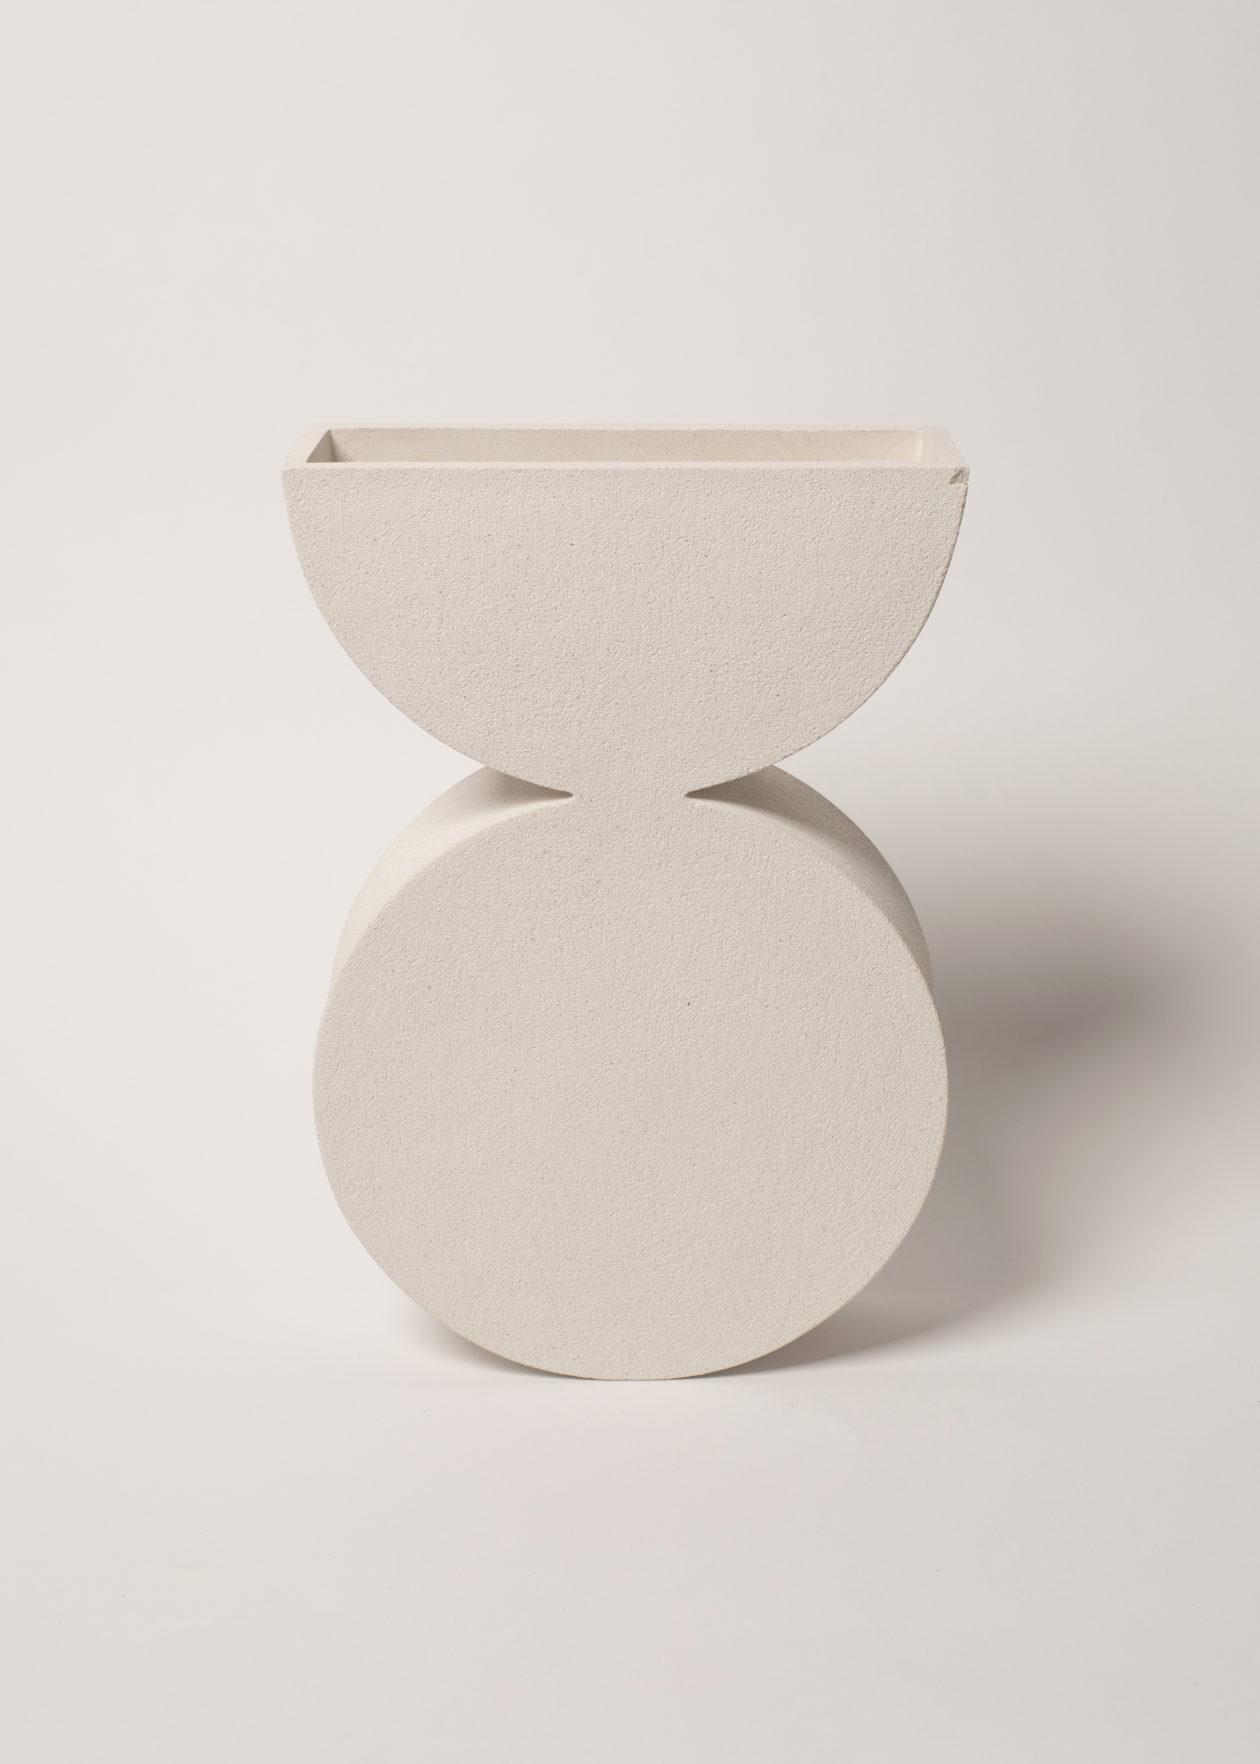 circulo semi circulo vase